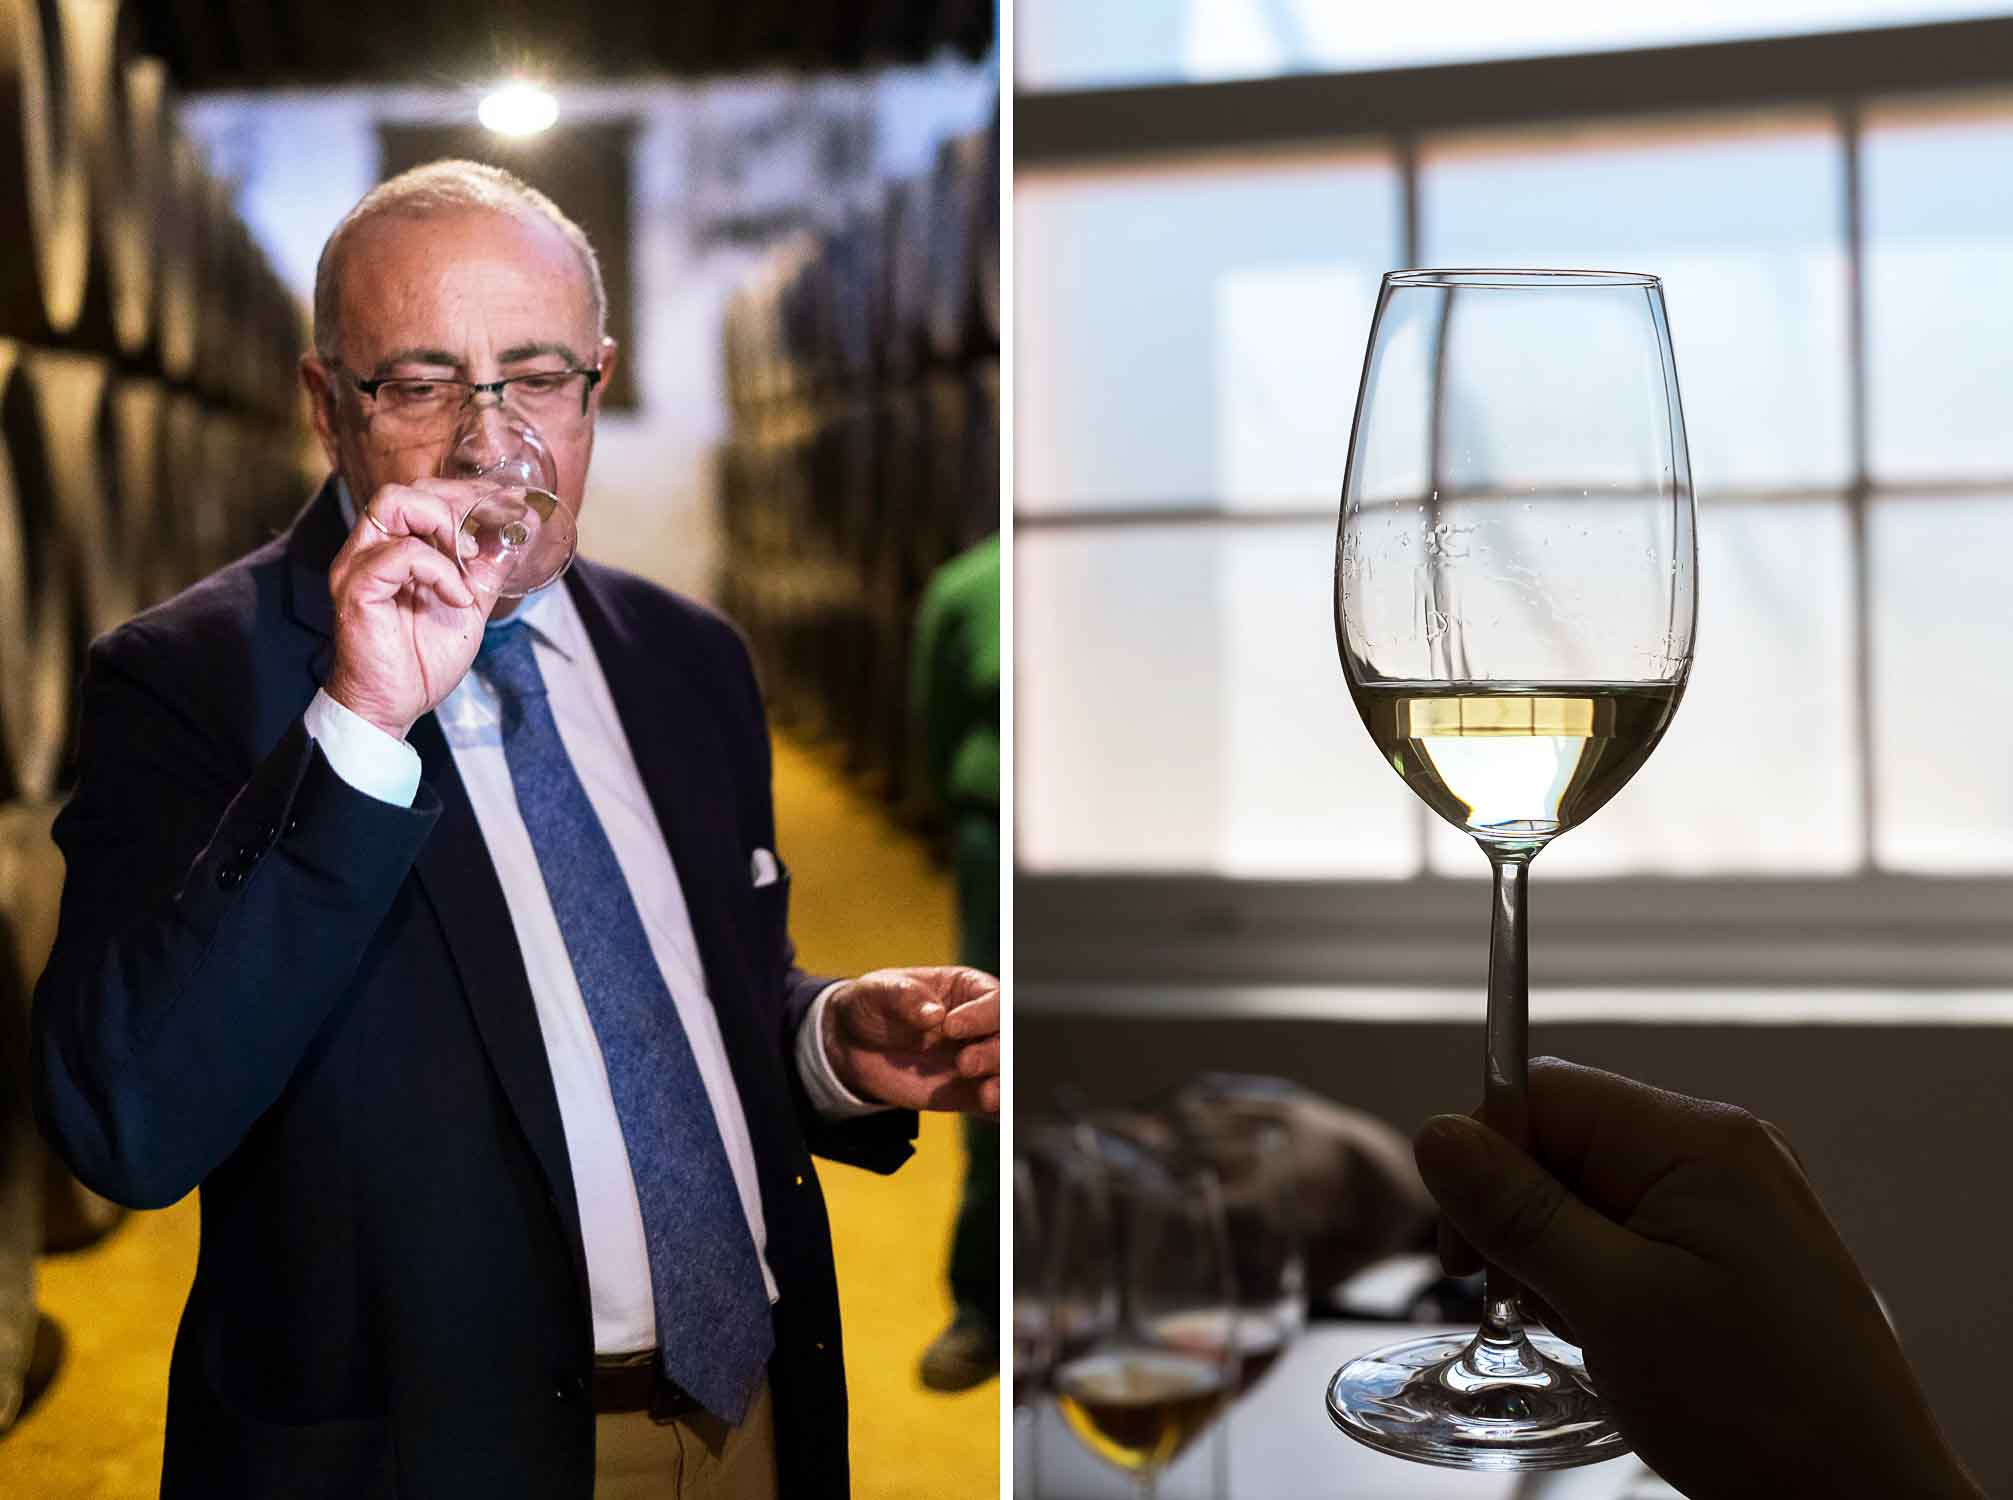 Tour of Tio Pepe sherry wine / Gonzalez Byass Winery in Jerez de la Frontera, Spain